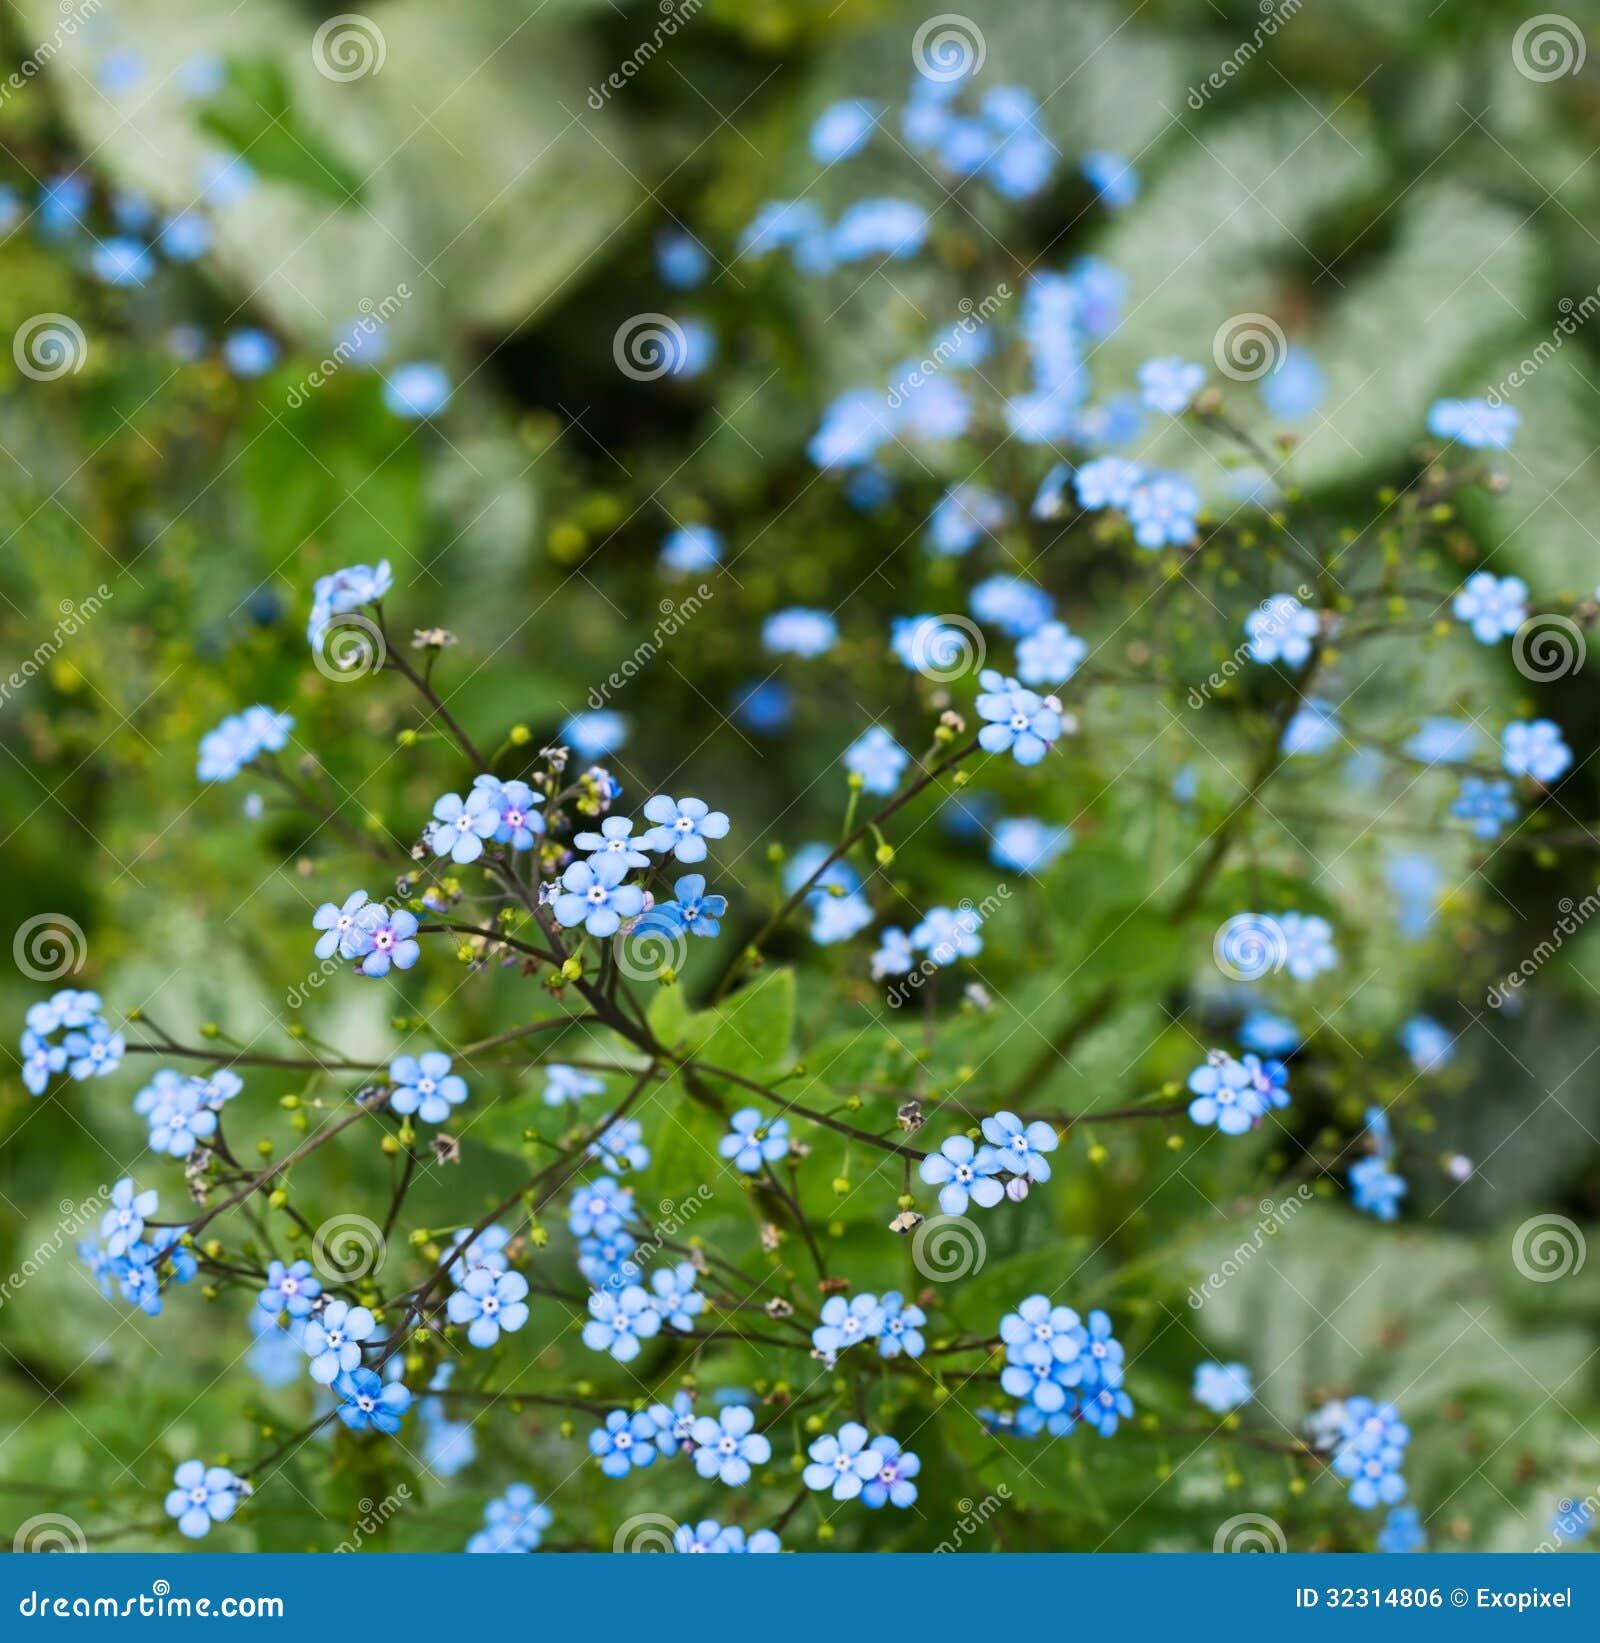 blumenhintergrund schoss von kleine blaue blumen stockfoto bild von floral nahaufnahme 32314806. Black Bedroom Furniture Sets. Home Design Ideas